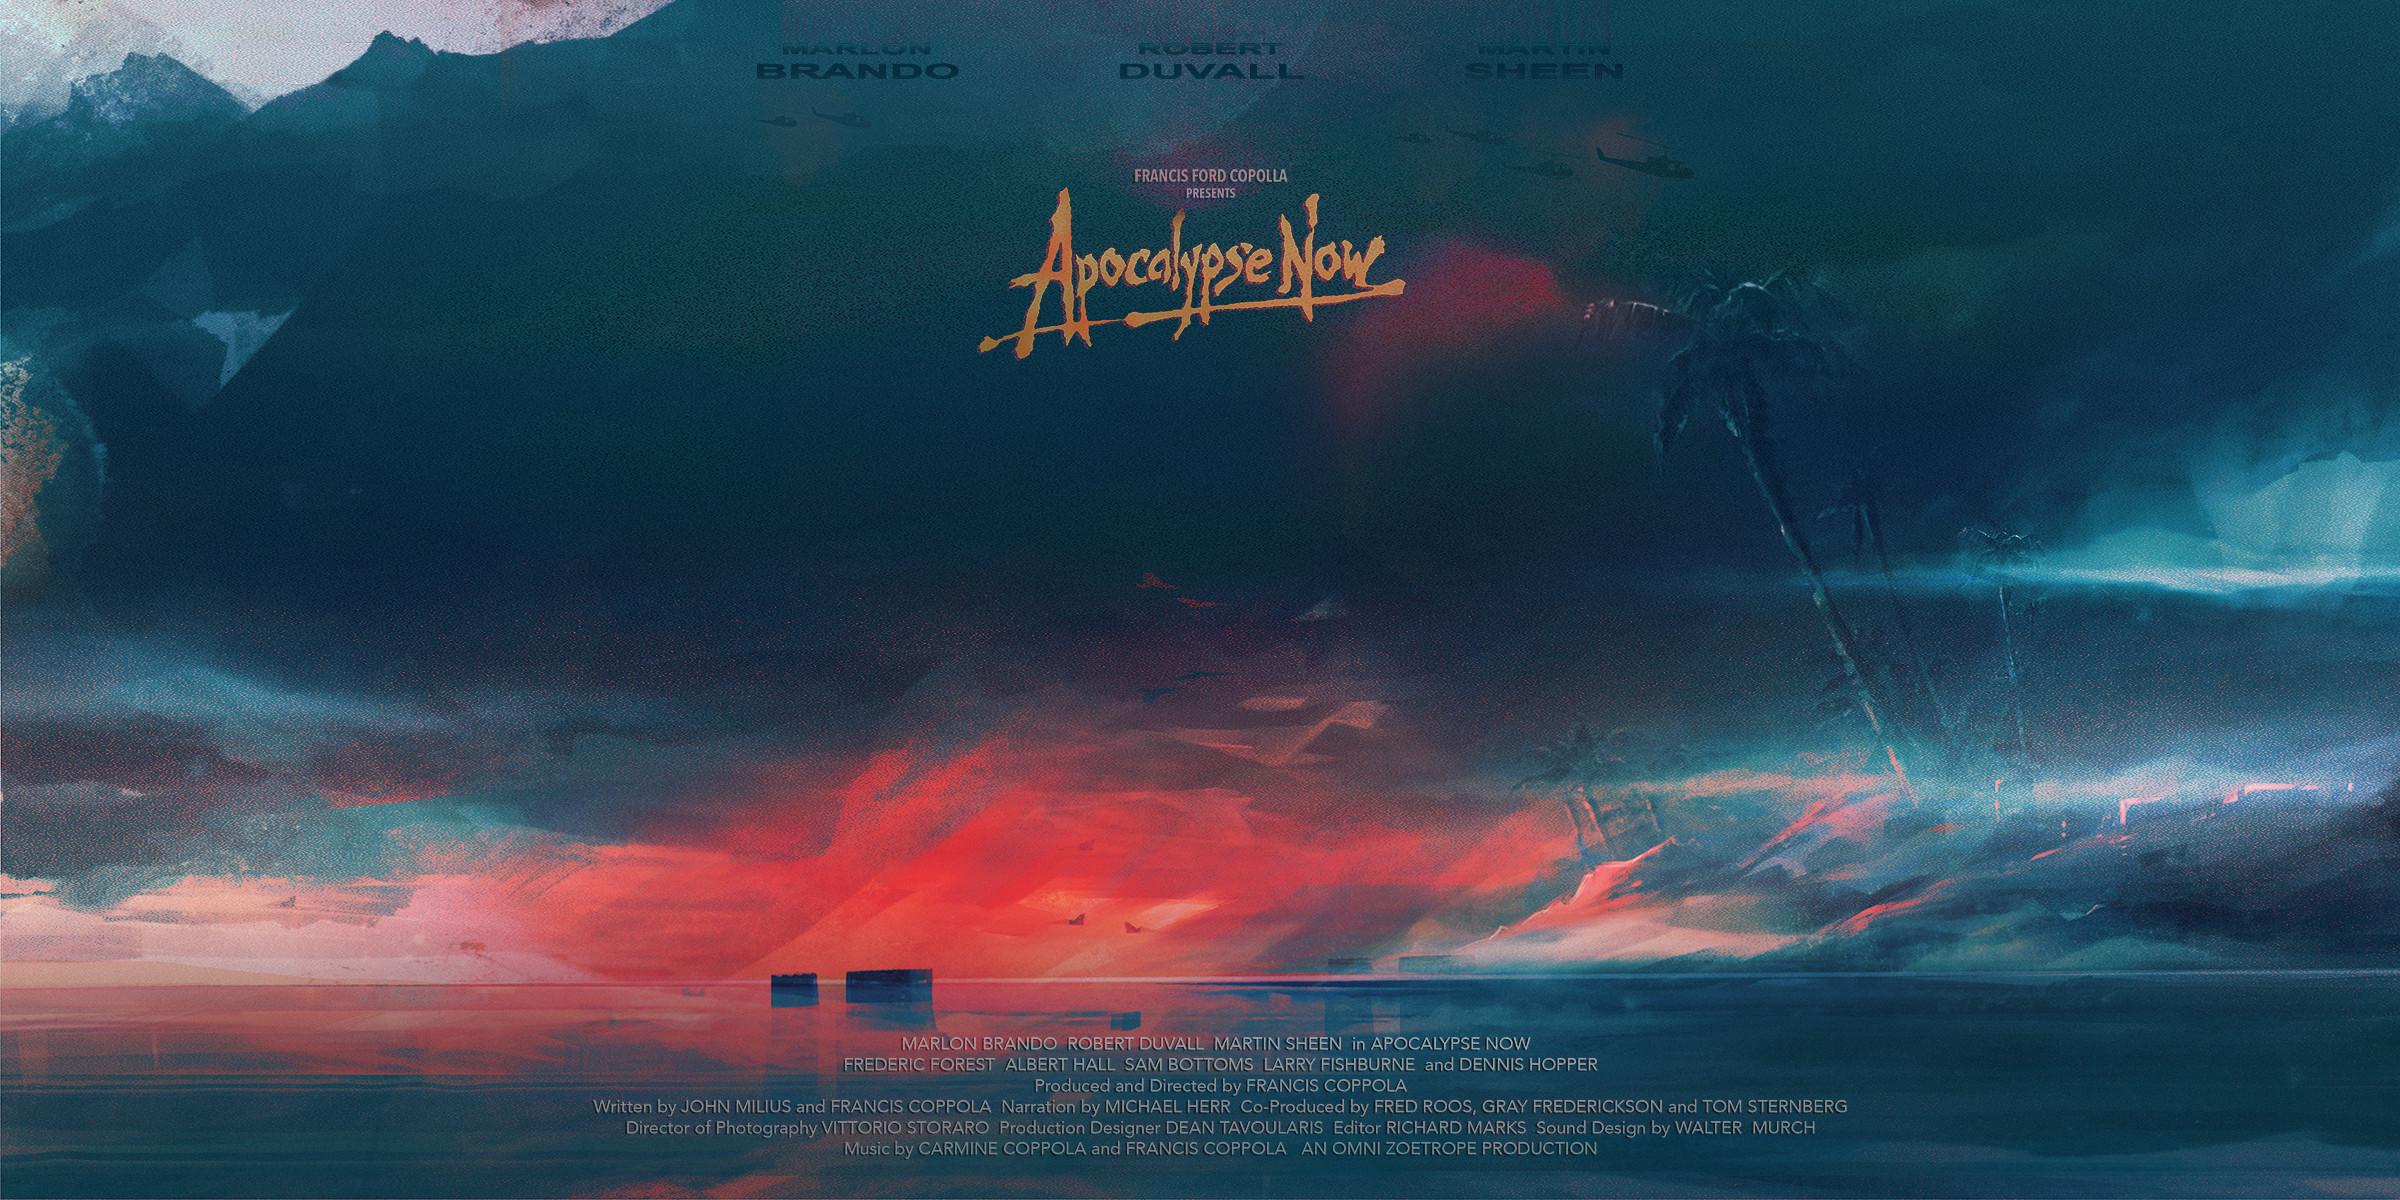 Alex Tsoucas Apocalypse Now